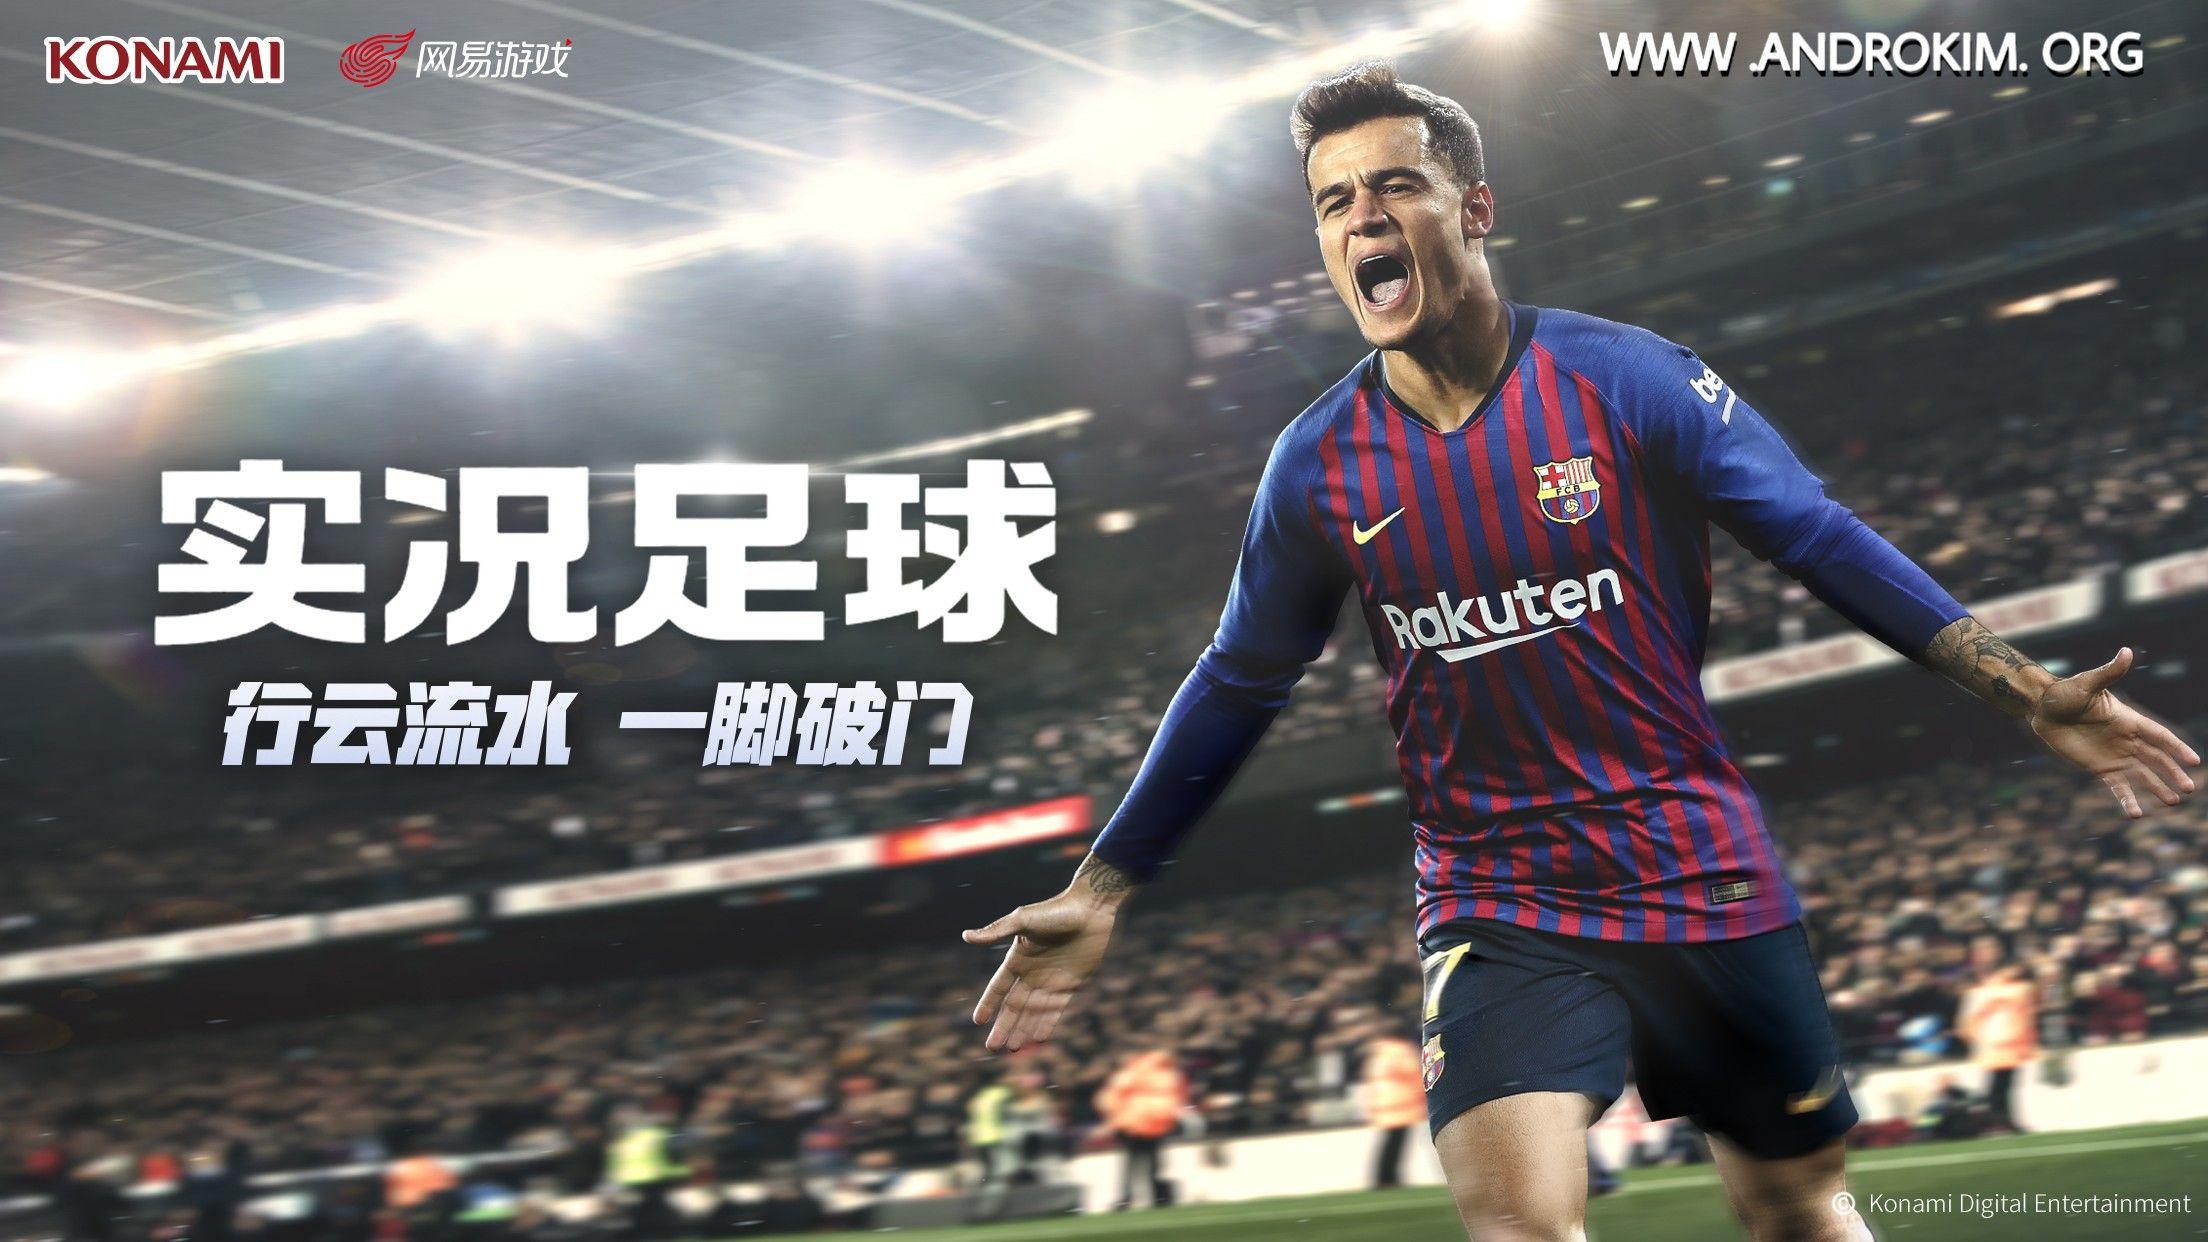 تحميل لعبة PES 2019 النسخة الصينية للاندرويد | ألعاب مهكرة للاندرويد